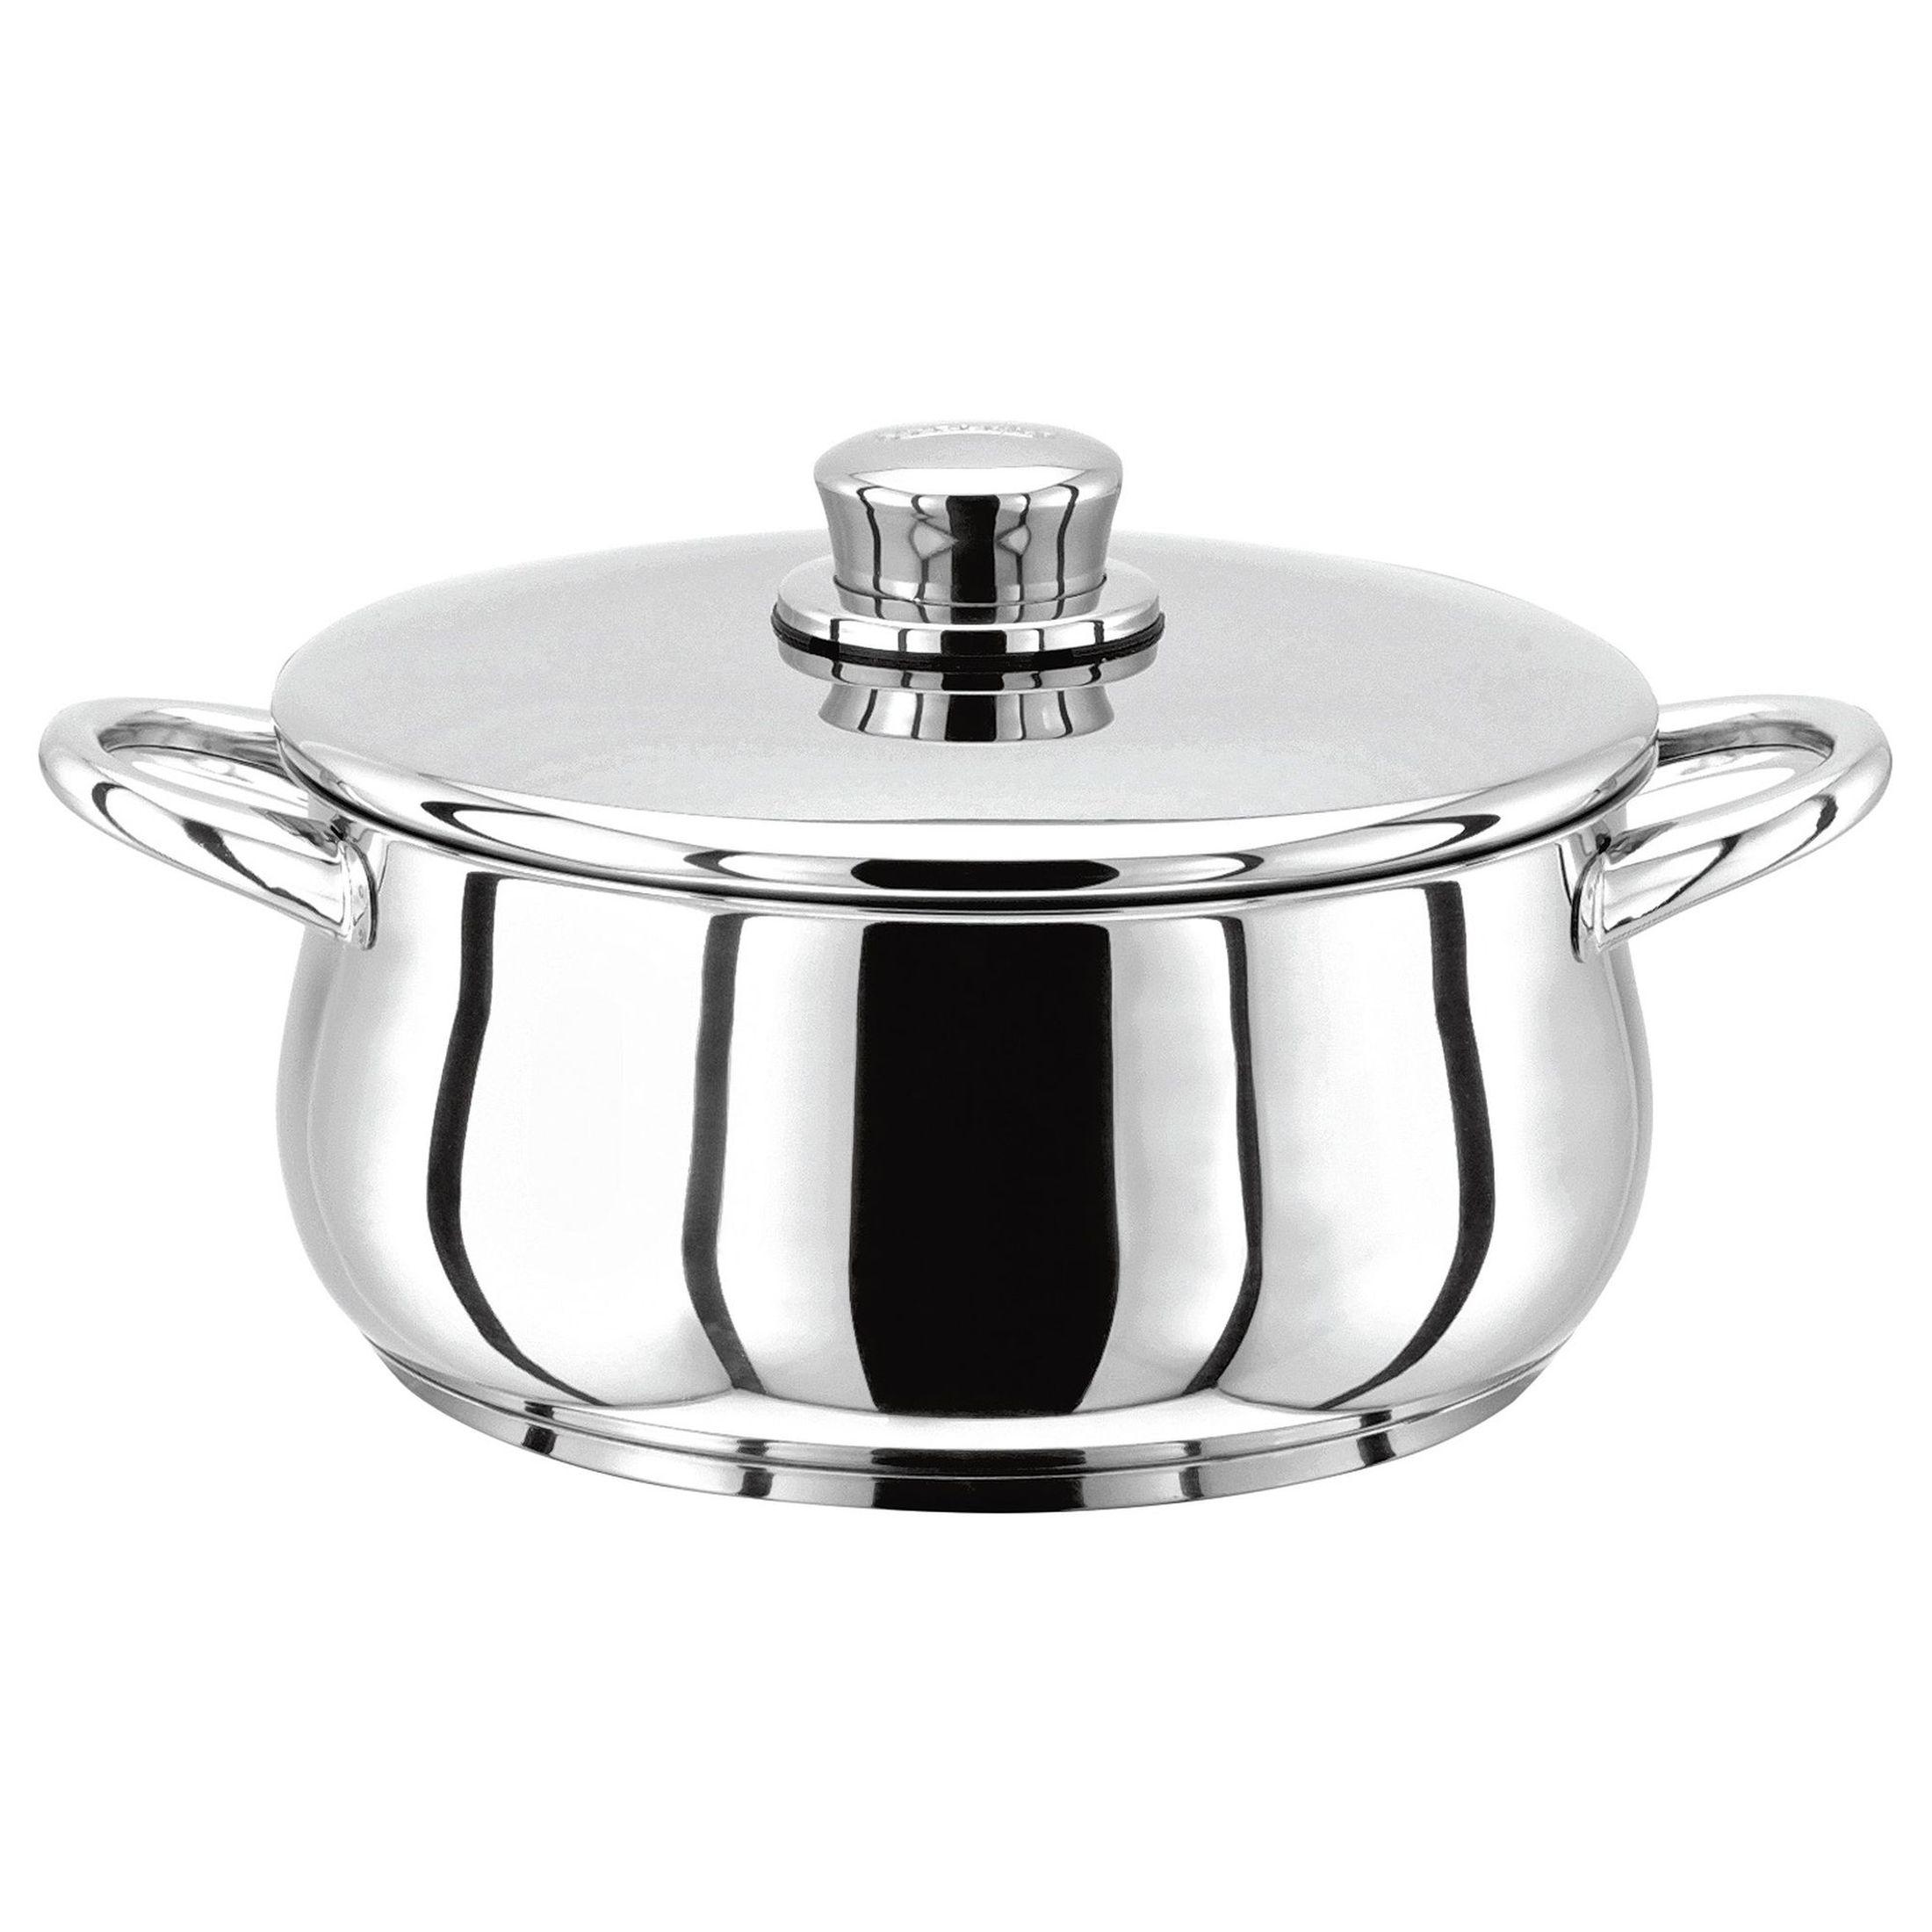 Stellar 1000 Кастрюля24 см, 3,2 лКлассическая английская форма посуды в сочетании с непревзойденным европейским качеством. Дно посуды изготовлено методом горячей ковки, что гарантирует равномерное распределение тепла на всех типах варочных панелей. Хромированная нержавеющая сталь.  Пригодны для использования в духовке (до 240 гр. С).<br>